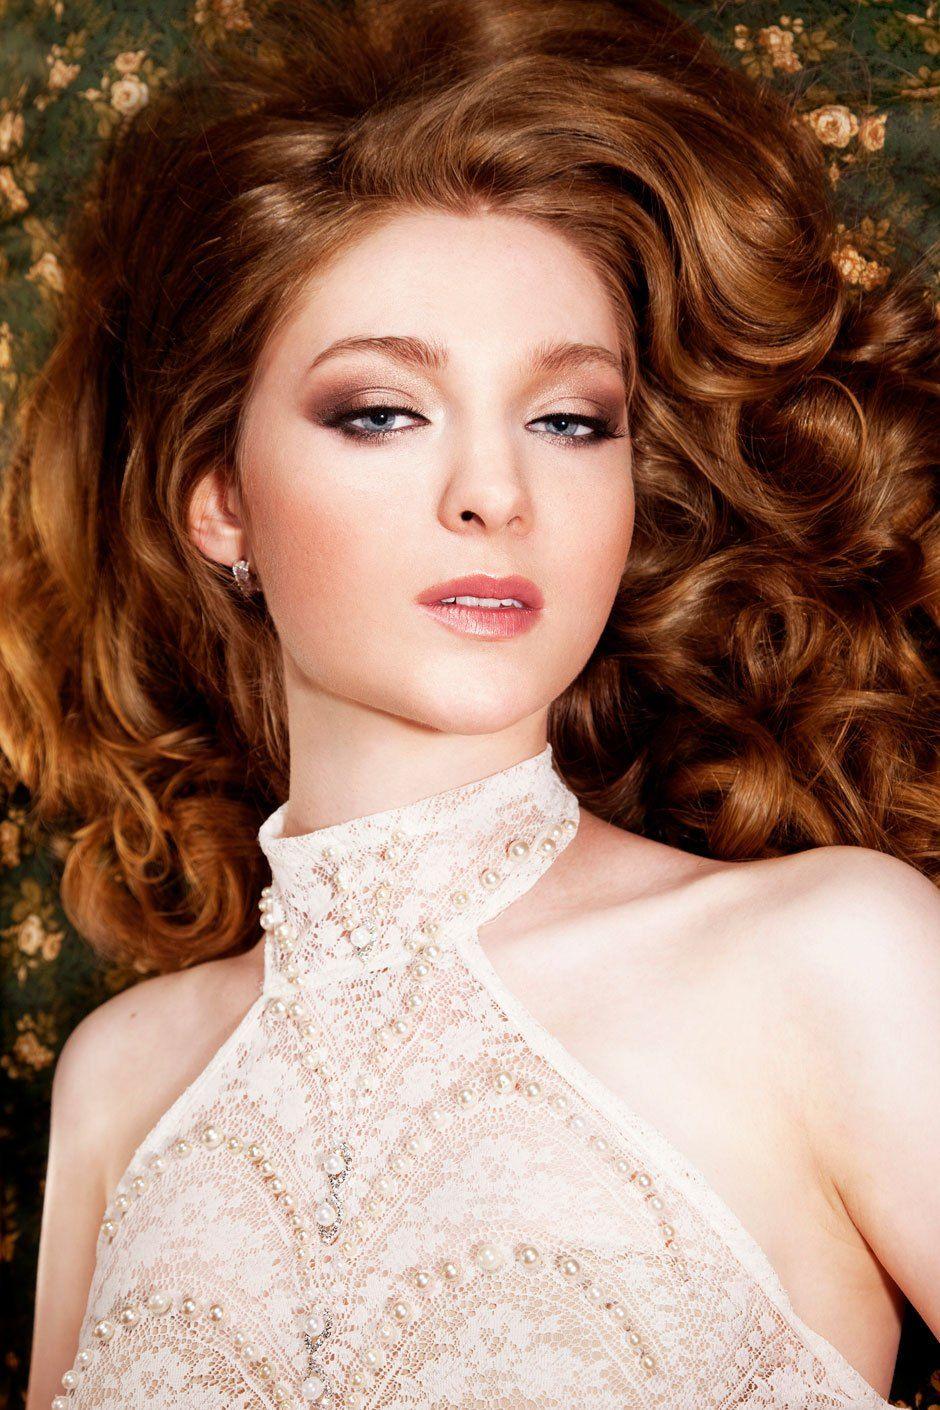 runway brides by hollywood brides & katriena emmanuel | clothes